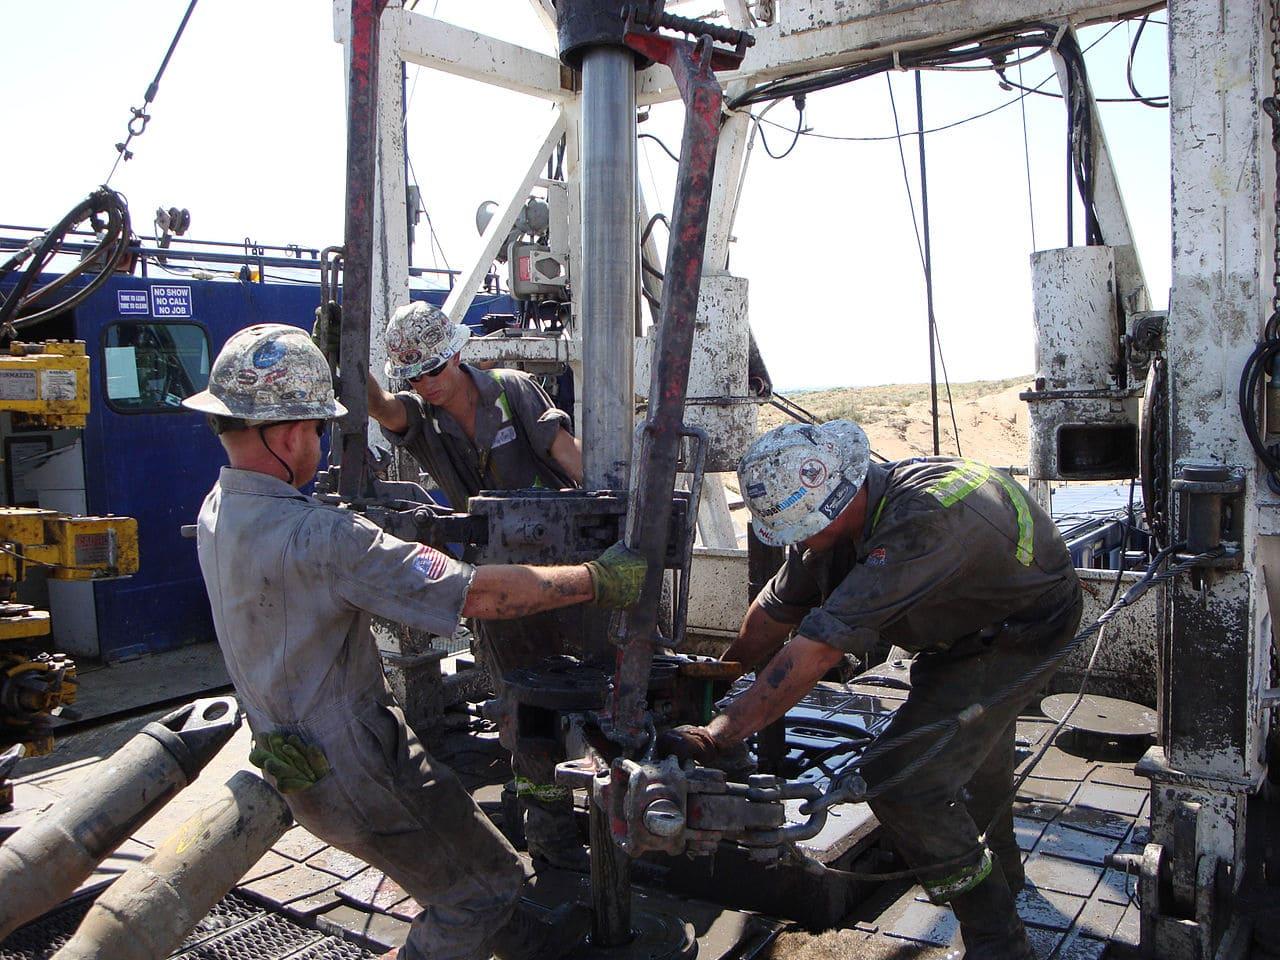 Statele Unite devin cel mai mare producător de petrol nerafinat din lume, depășind Rusia și Arabia Saudită